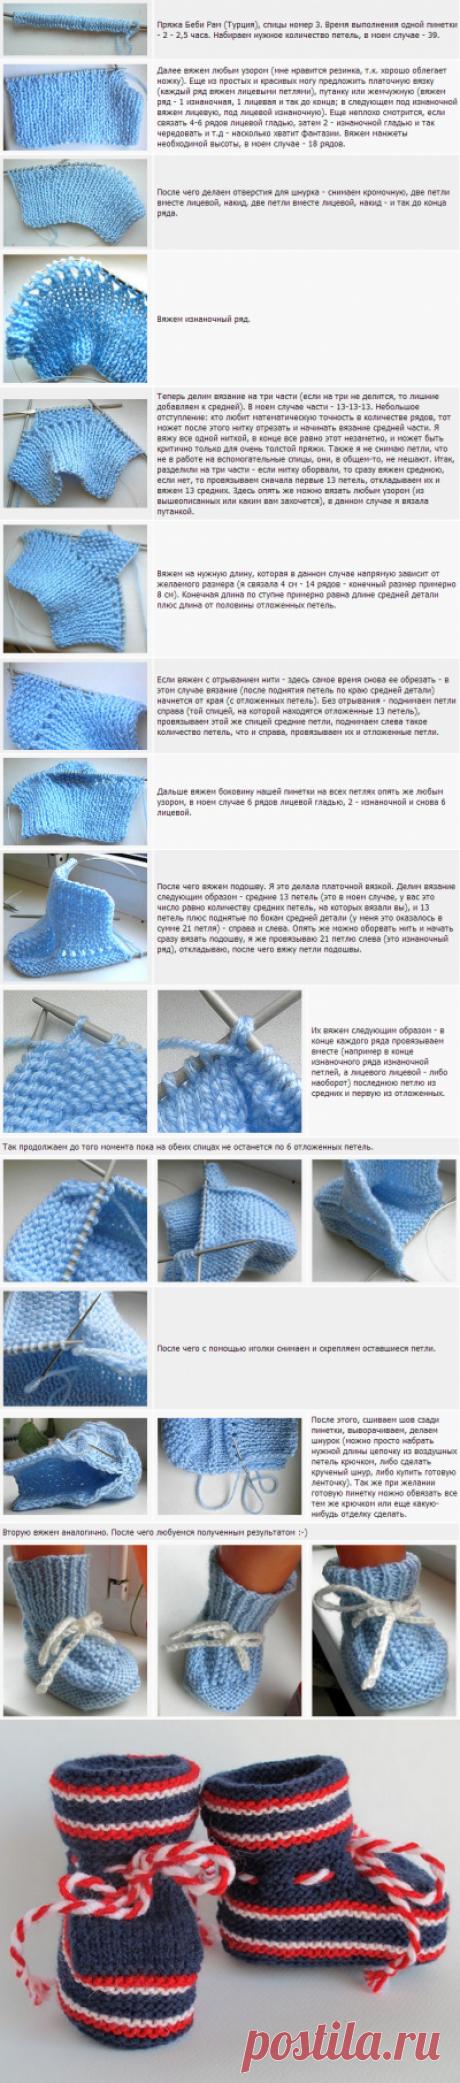 ПИНЕТКИ СПИЦАМИ ДЛЯ НОВОРОЖДЕННЫХ | Вязание спицами с описанием,уроки с фото и схемы вязания пинеток для новорождённых